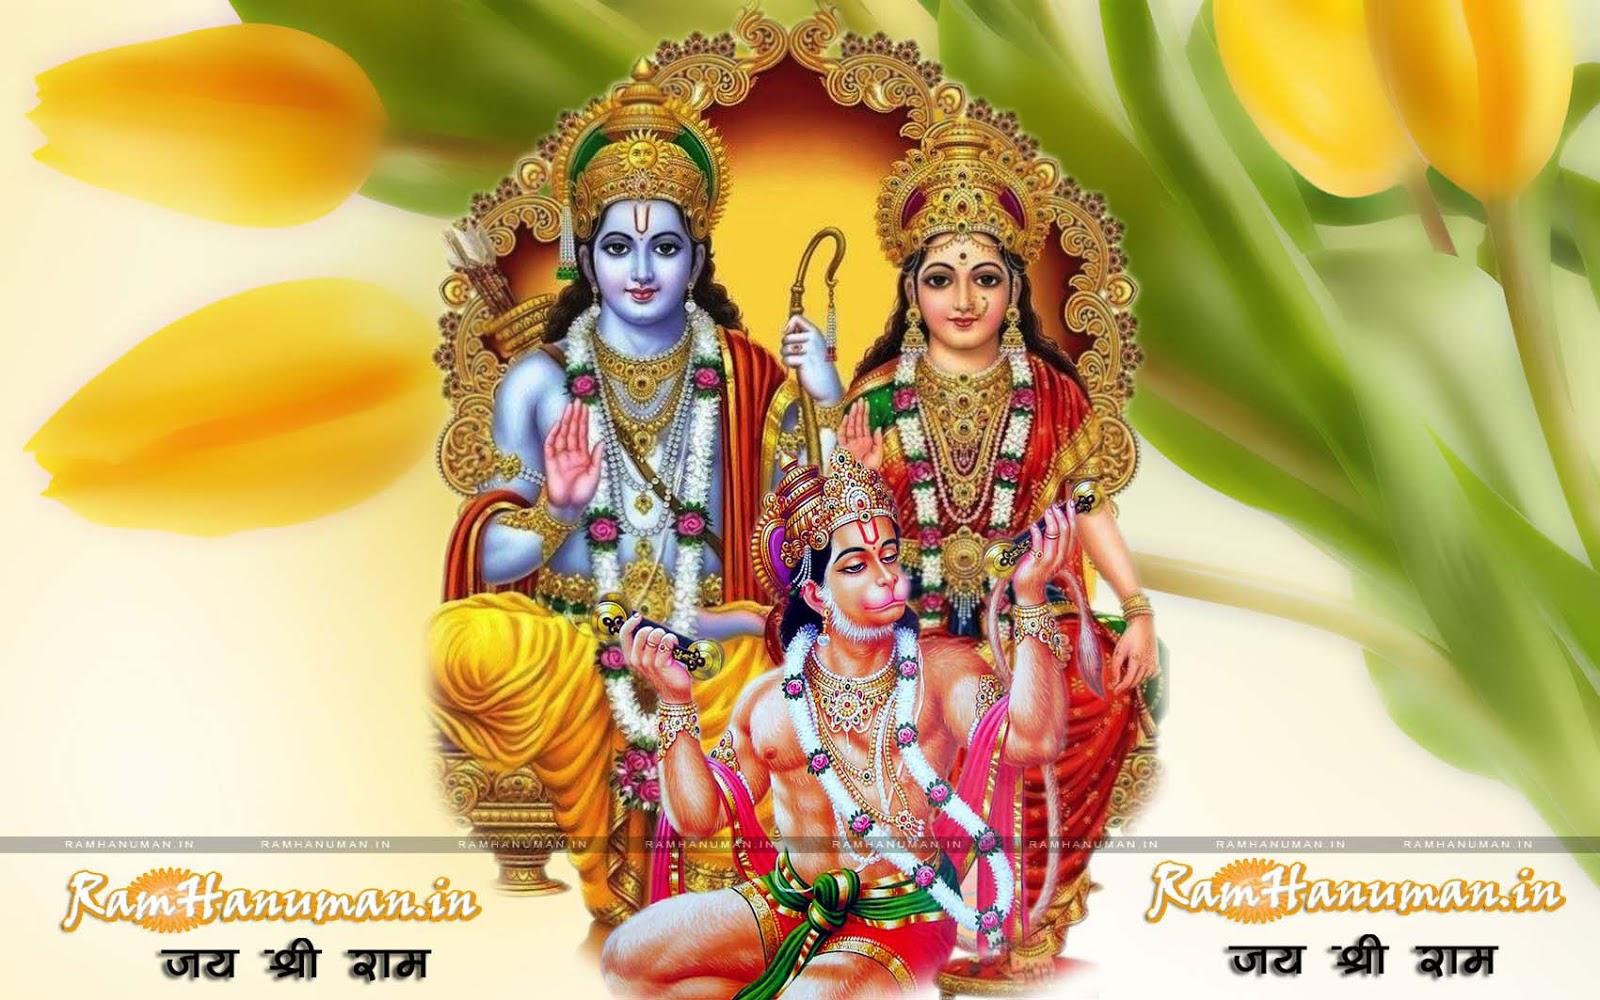 Hd wallpaper ram - 4 Lord Ram Sita With Bhakt Hanuman Ji Background Full Hd Wallpaper